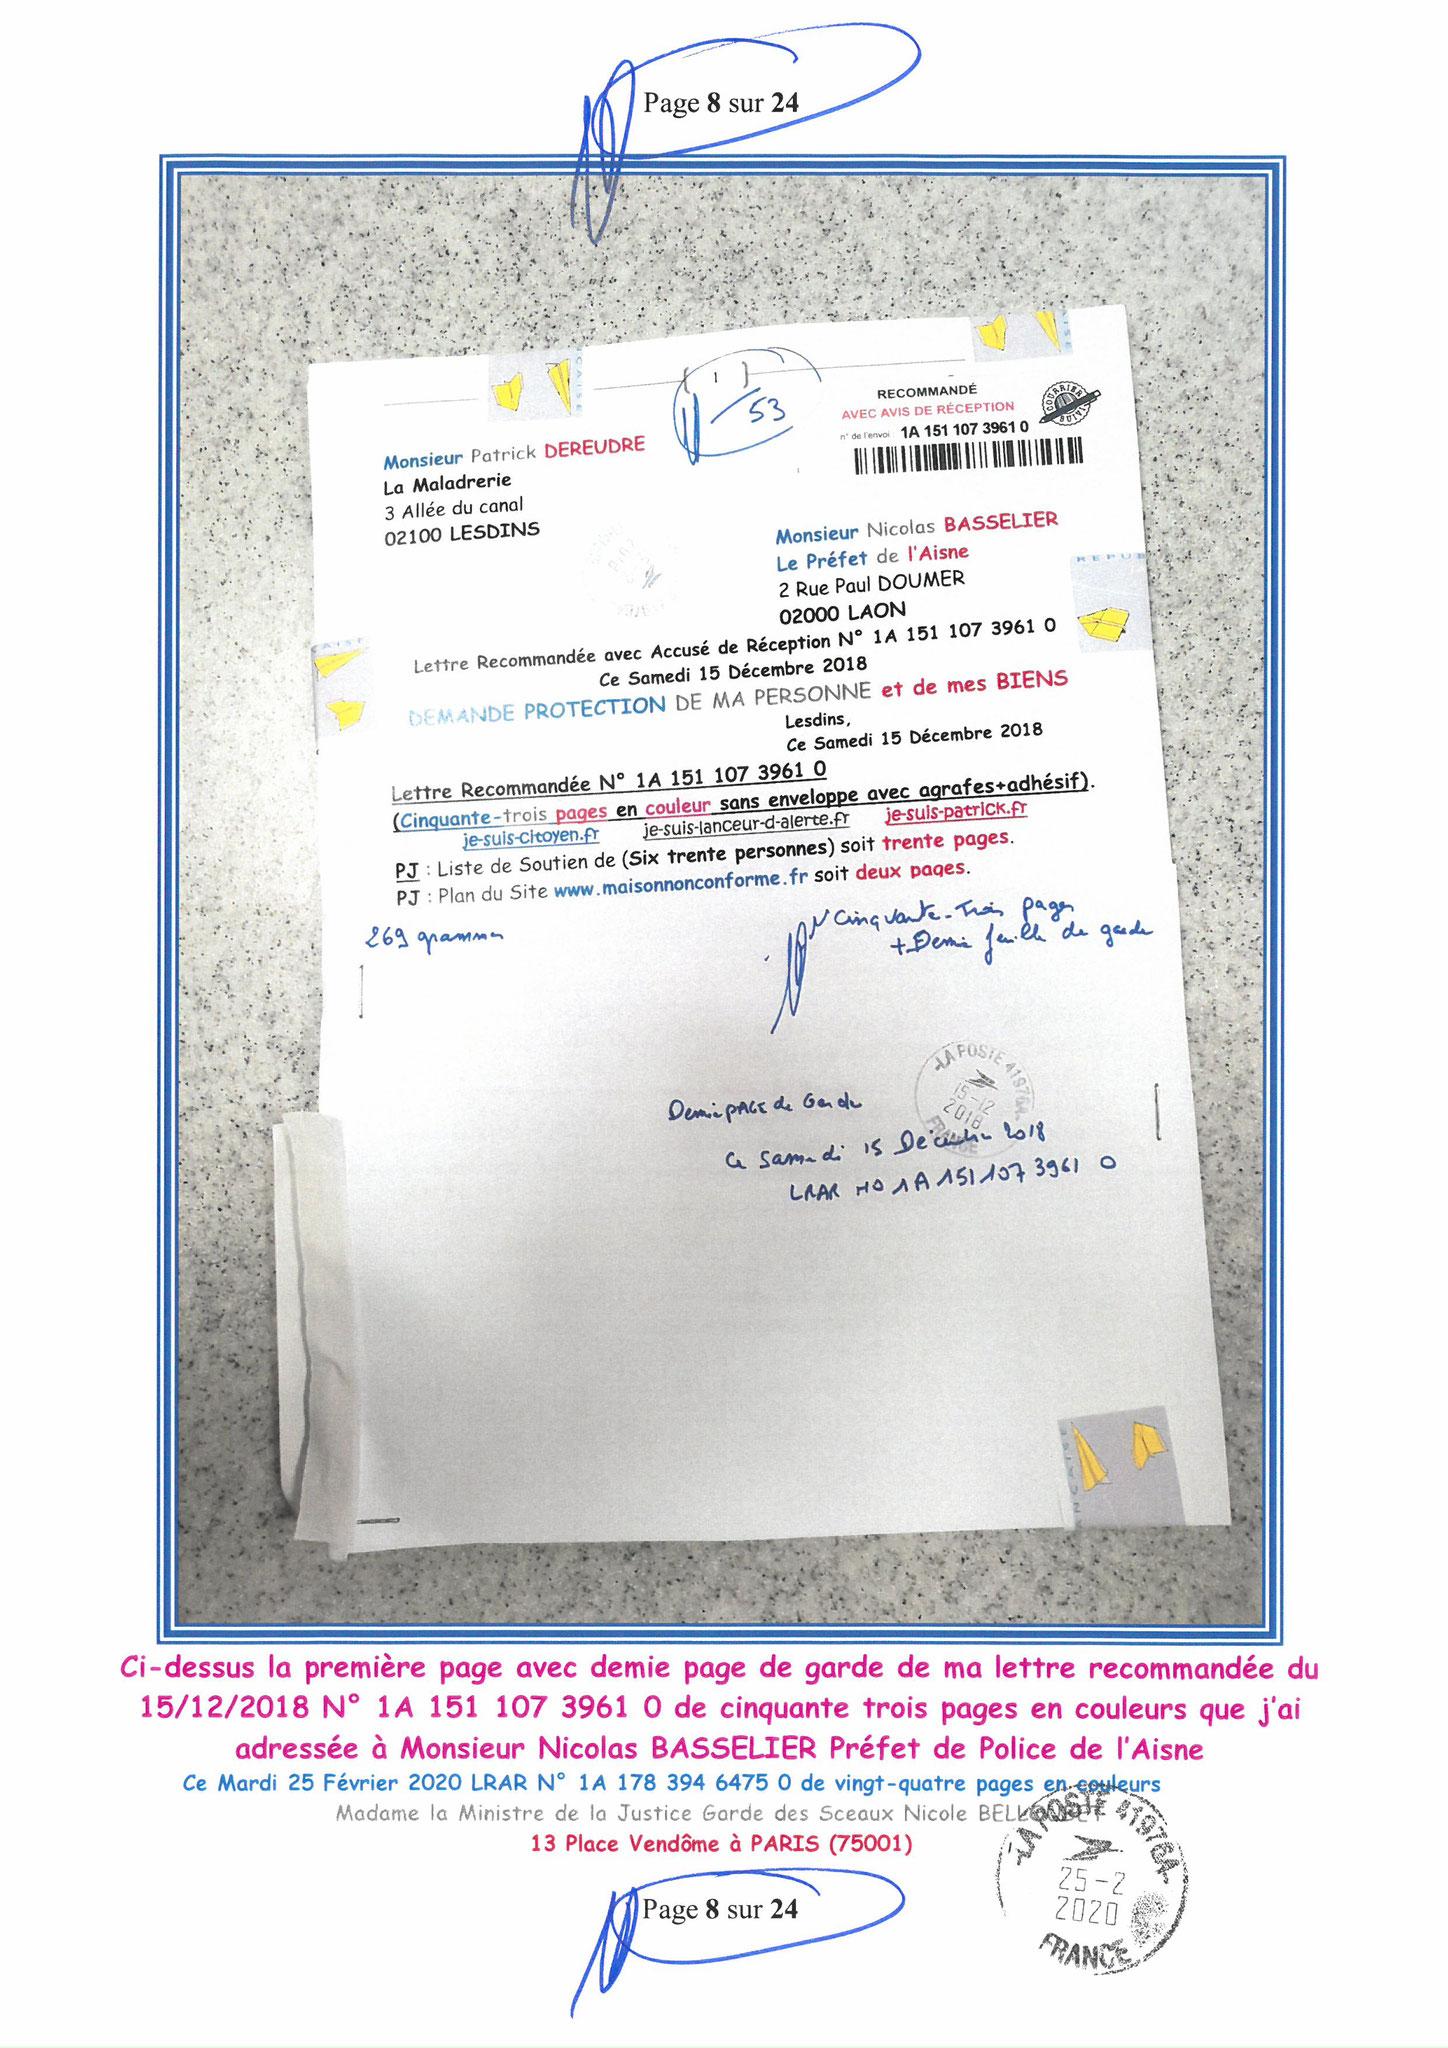 Ma LRAR à Madame Nicole BELLOUBET la Ministre de la Justice N0 1A 178 394 6475 0 Page 8 sur 24 en couleur  www.jesuispatrick.com www.jesuisvictime.fr www.alerte-rouge-france.fr